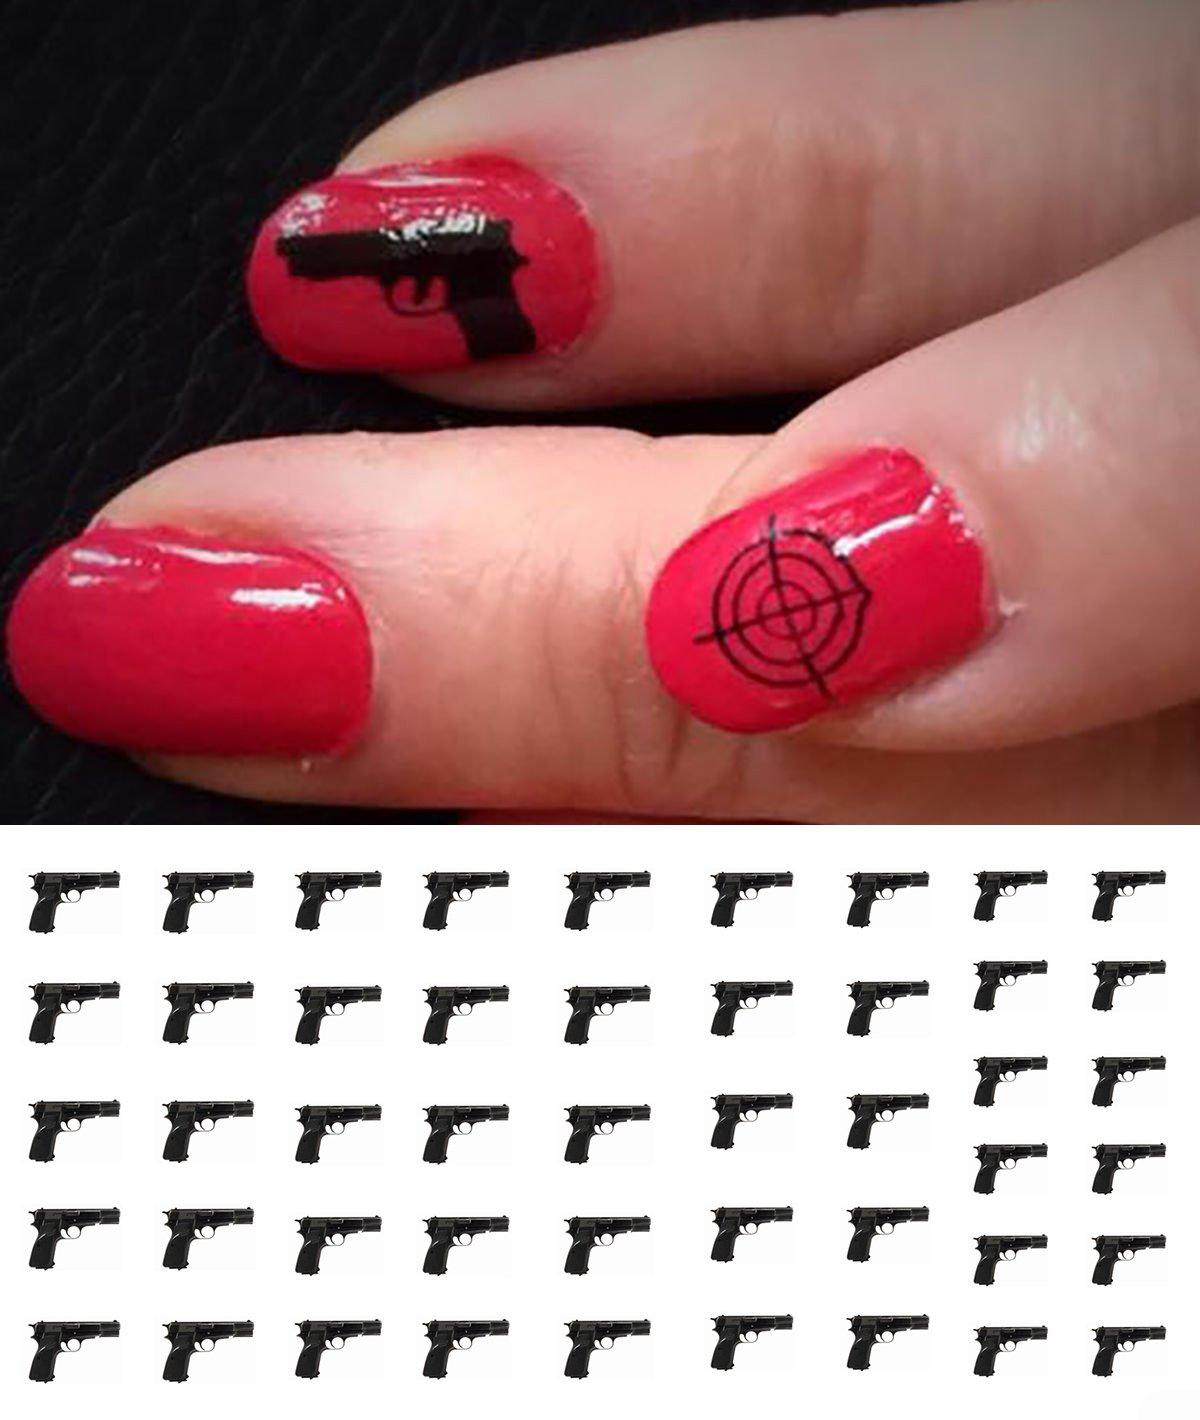 Amazon.com: Hand Gun / Weapons Water Slide Nail Art Decals - Guns ...